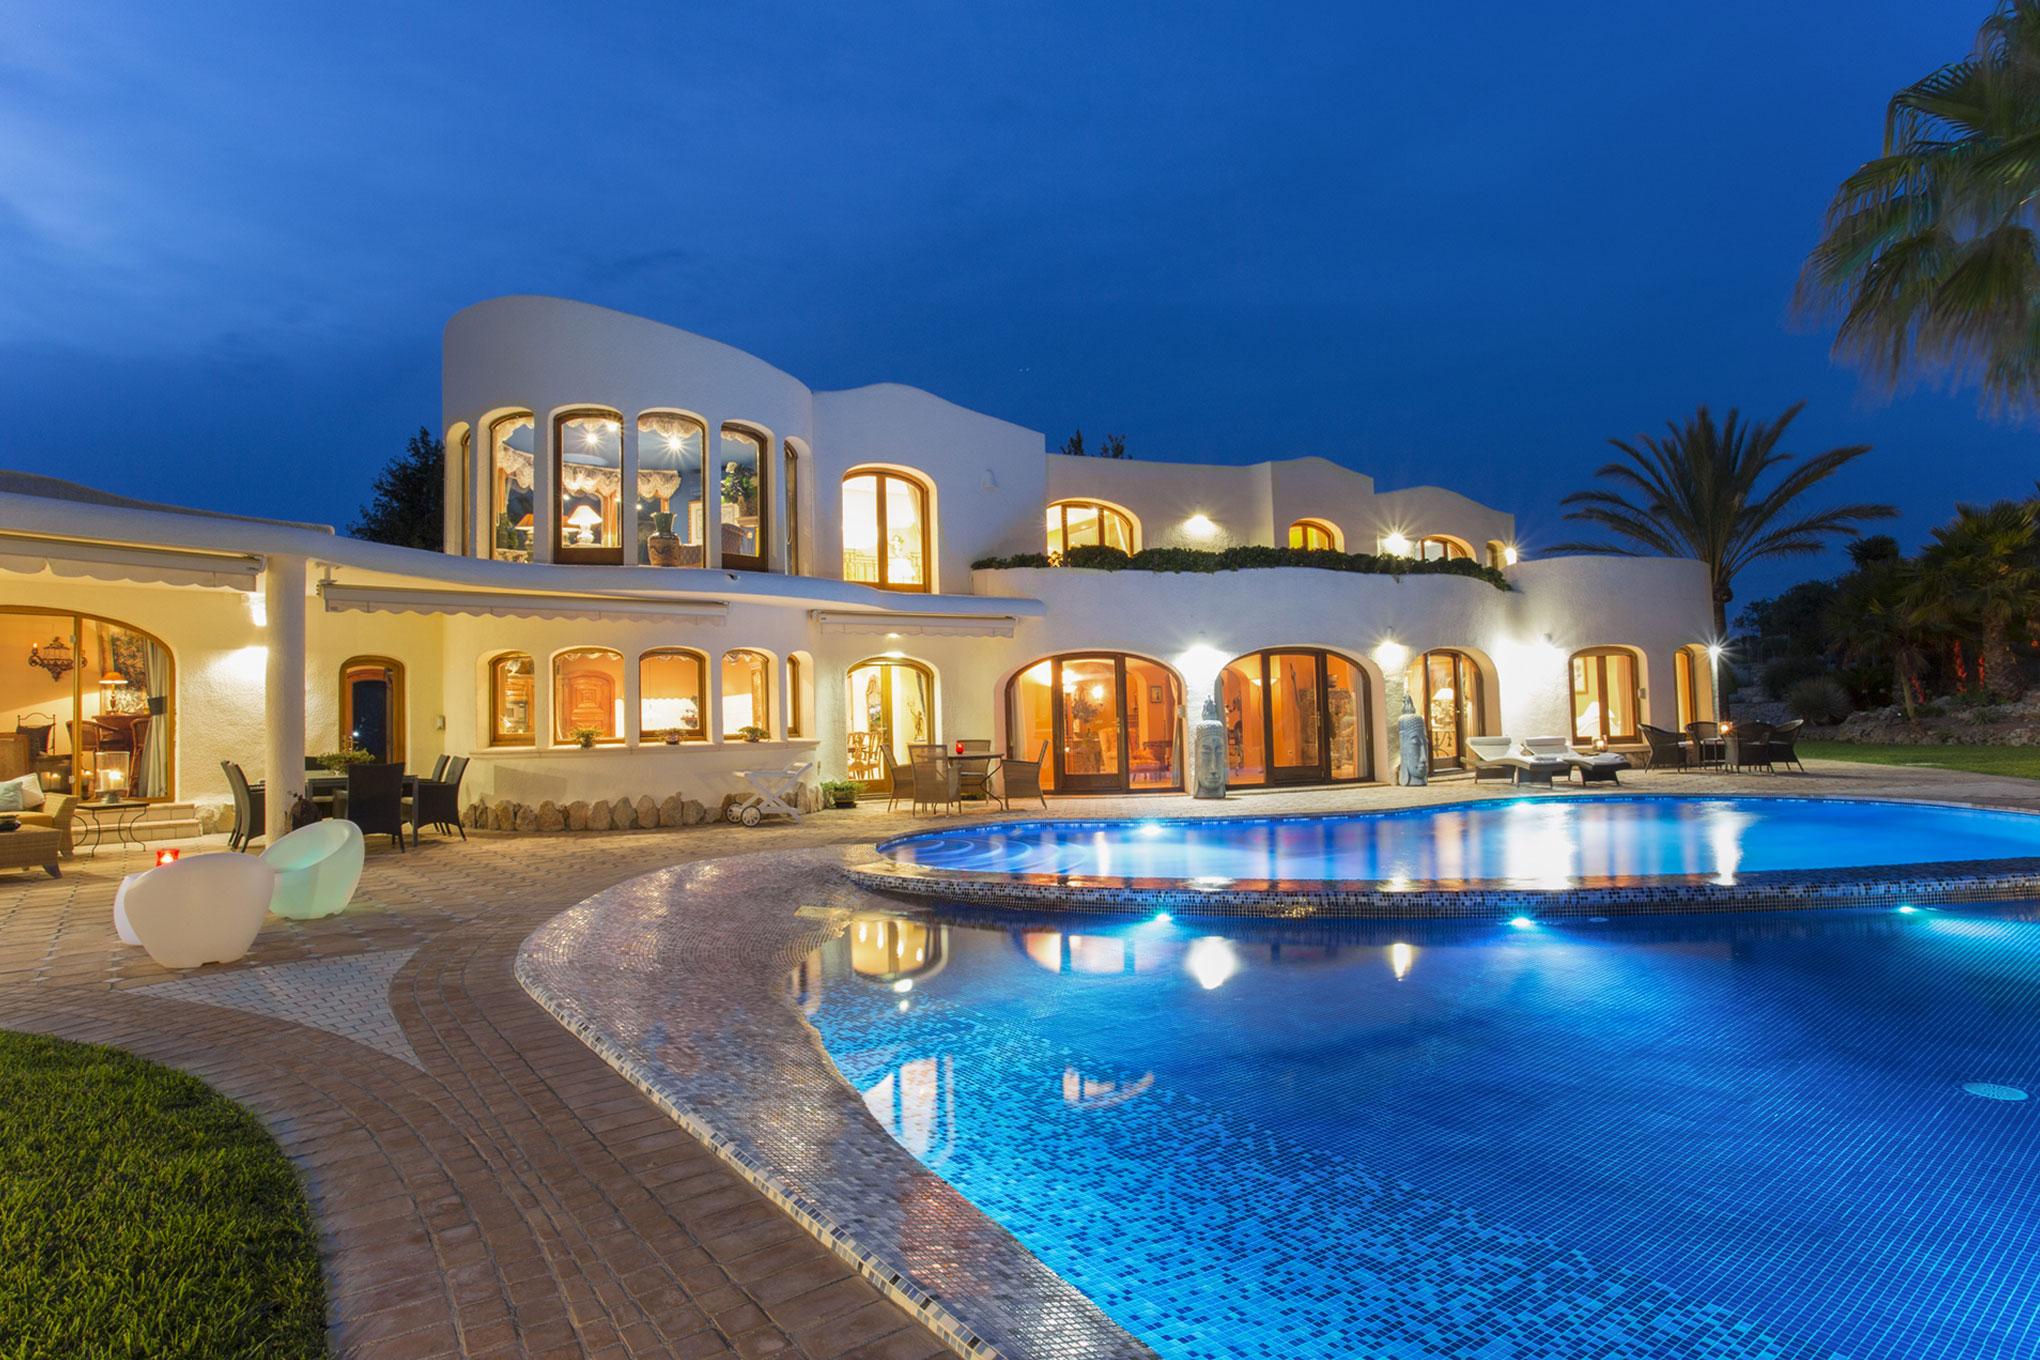 Villa En Espagne À Louer Avec Piscine. Location Maison Costa ... pour Villa En Espagne Avec Piscine